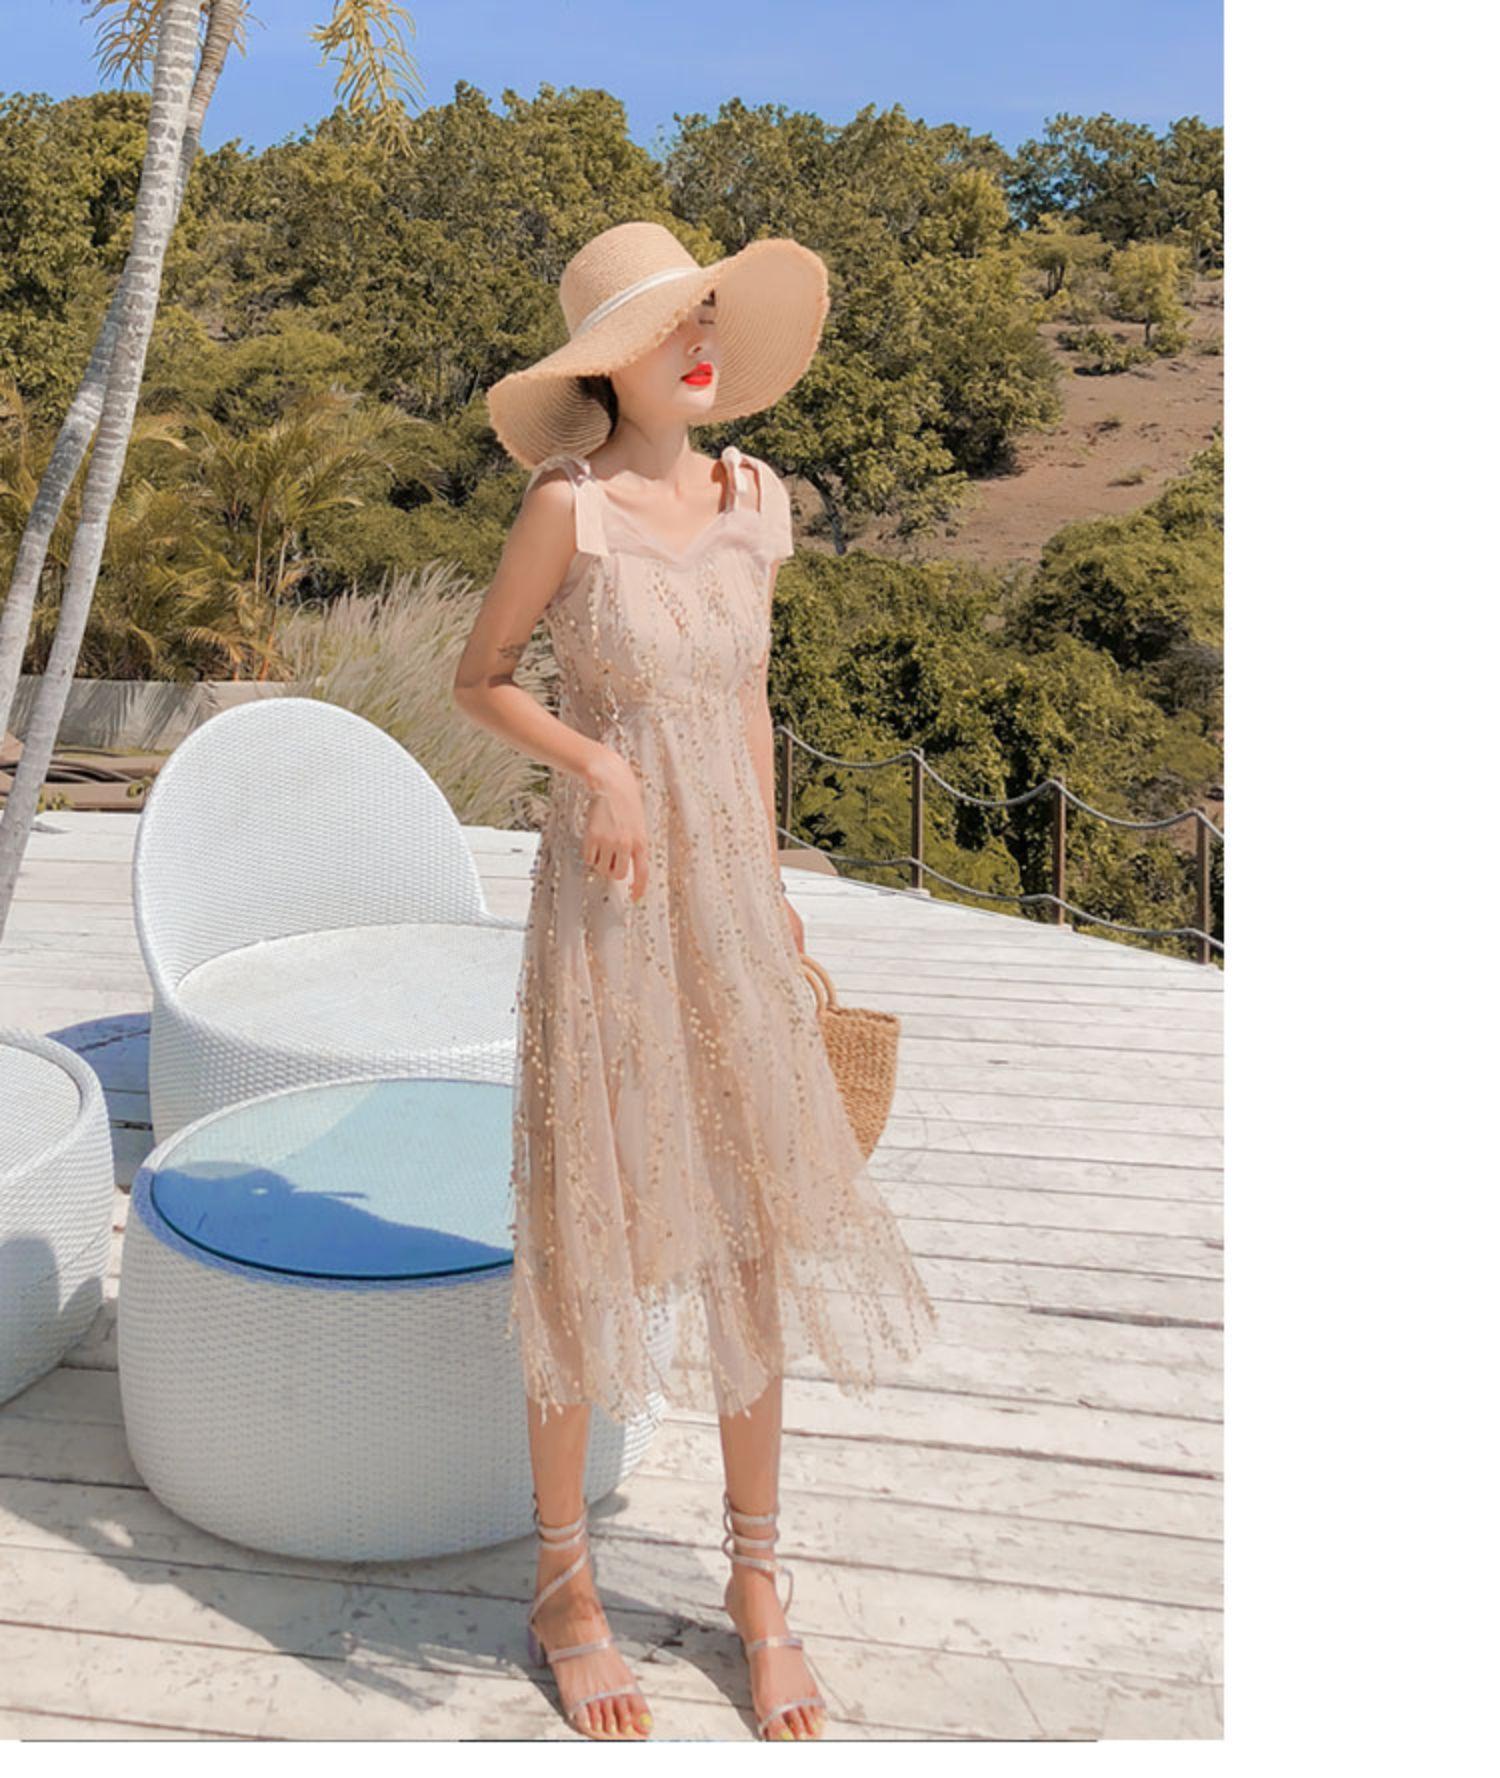 亮片吊帶裙穿搭洋裝超仙泰國巴釐島三亞沙灘裙海邊度假長裙女夏